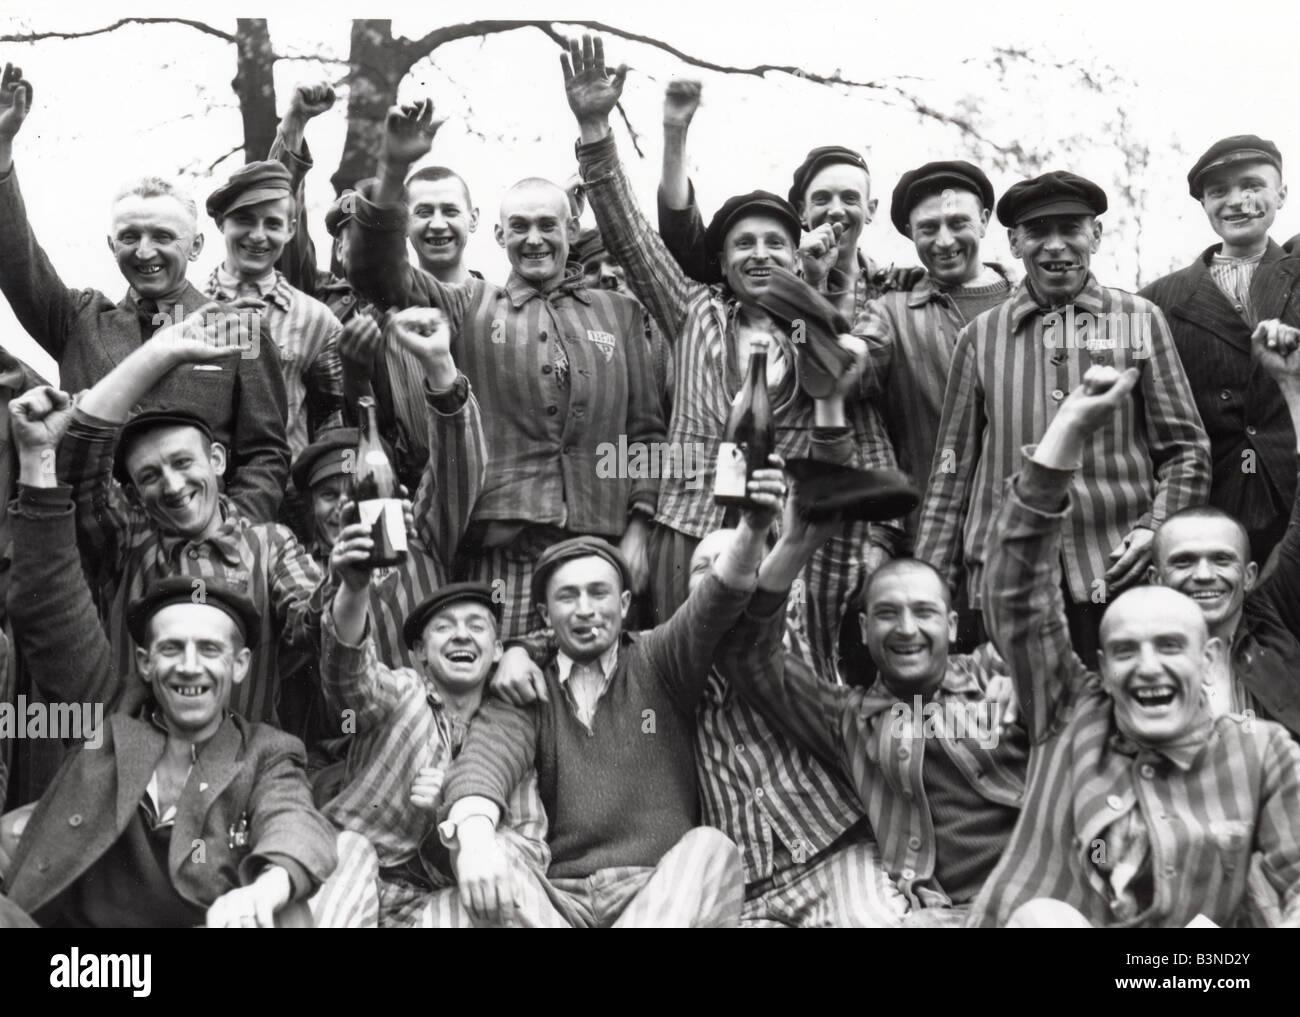 Prigionieri di Dachau celebrare la liberazione del campo di concentramento nazista nei pressi di Monaco di Baviera Immagini Stock